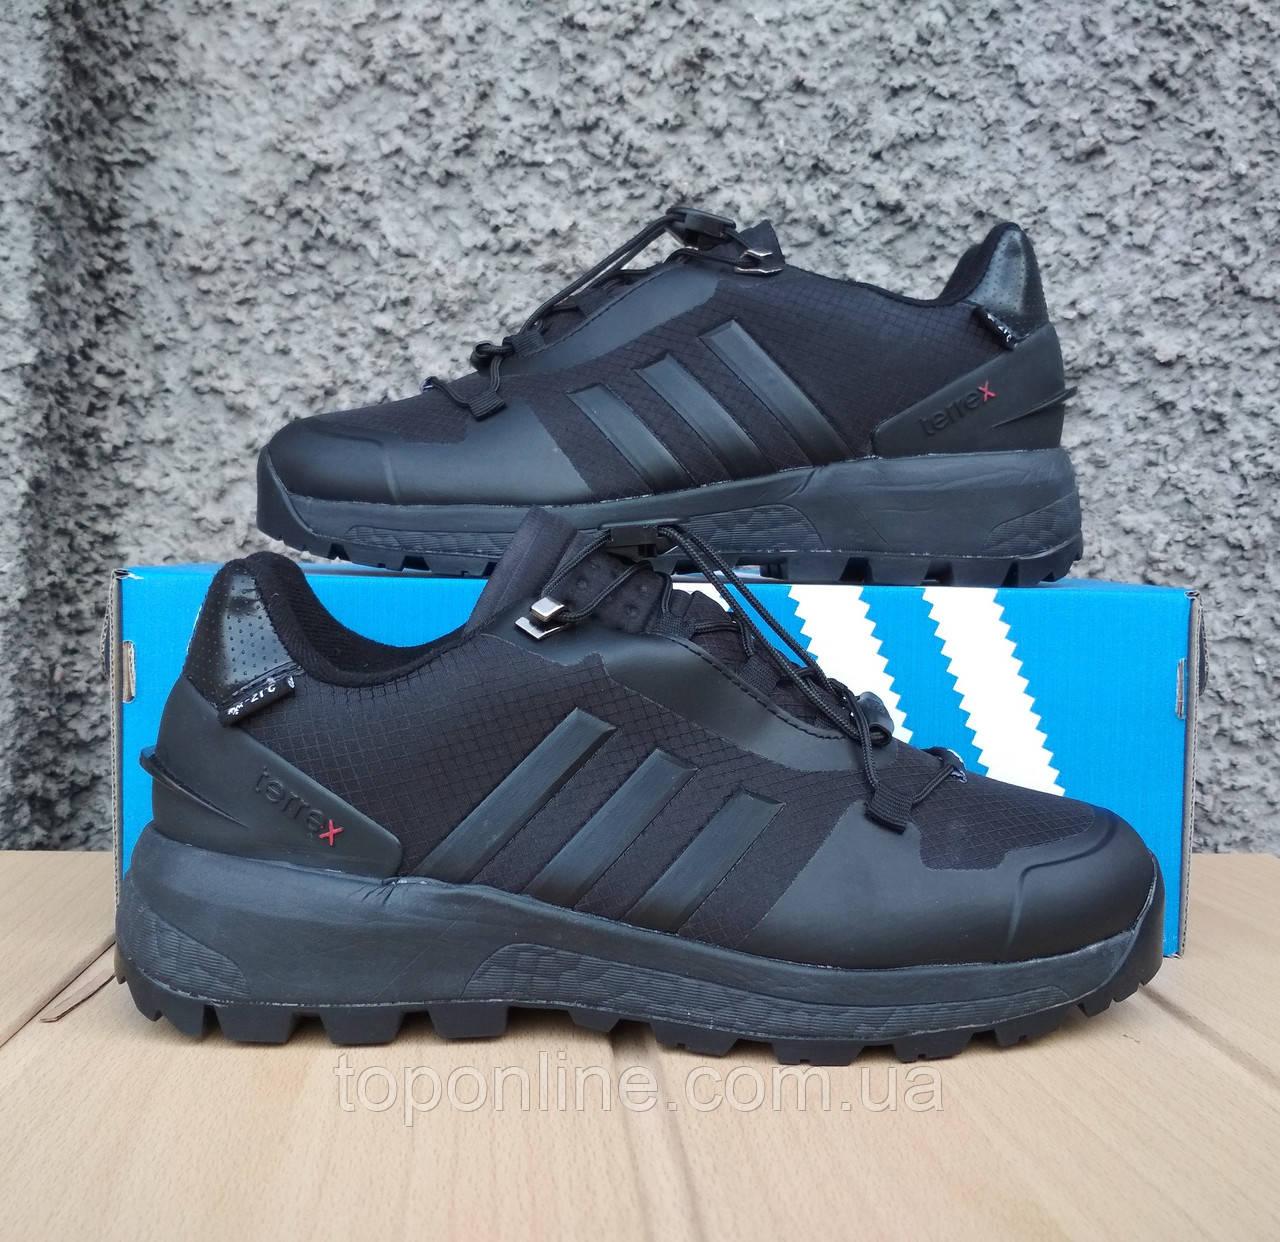 b81596faf1ba Кроссовки мужские Adidas Terrex Boost Low Thermo - TOP-ONLINE обувной  интернет-магазин в